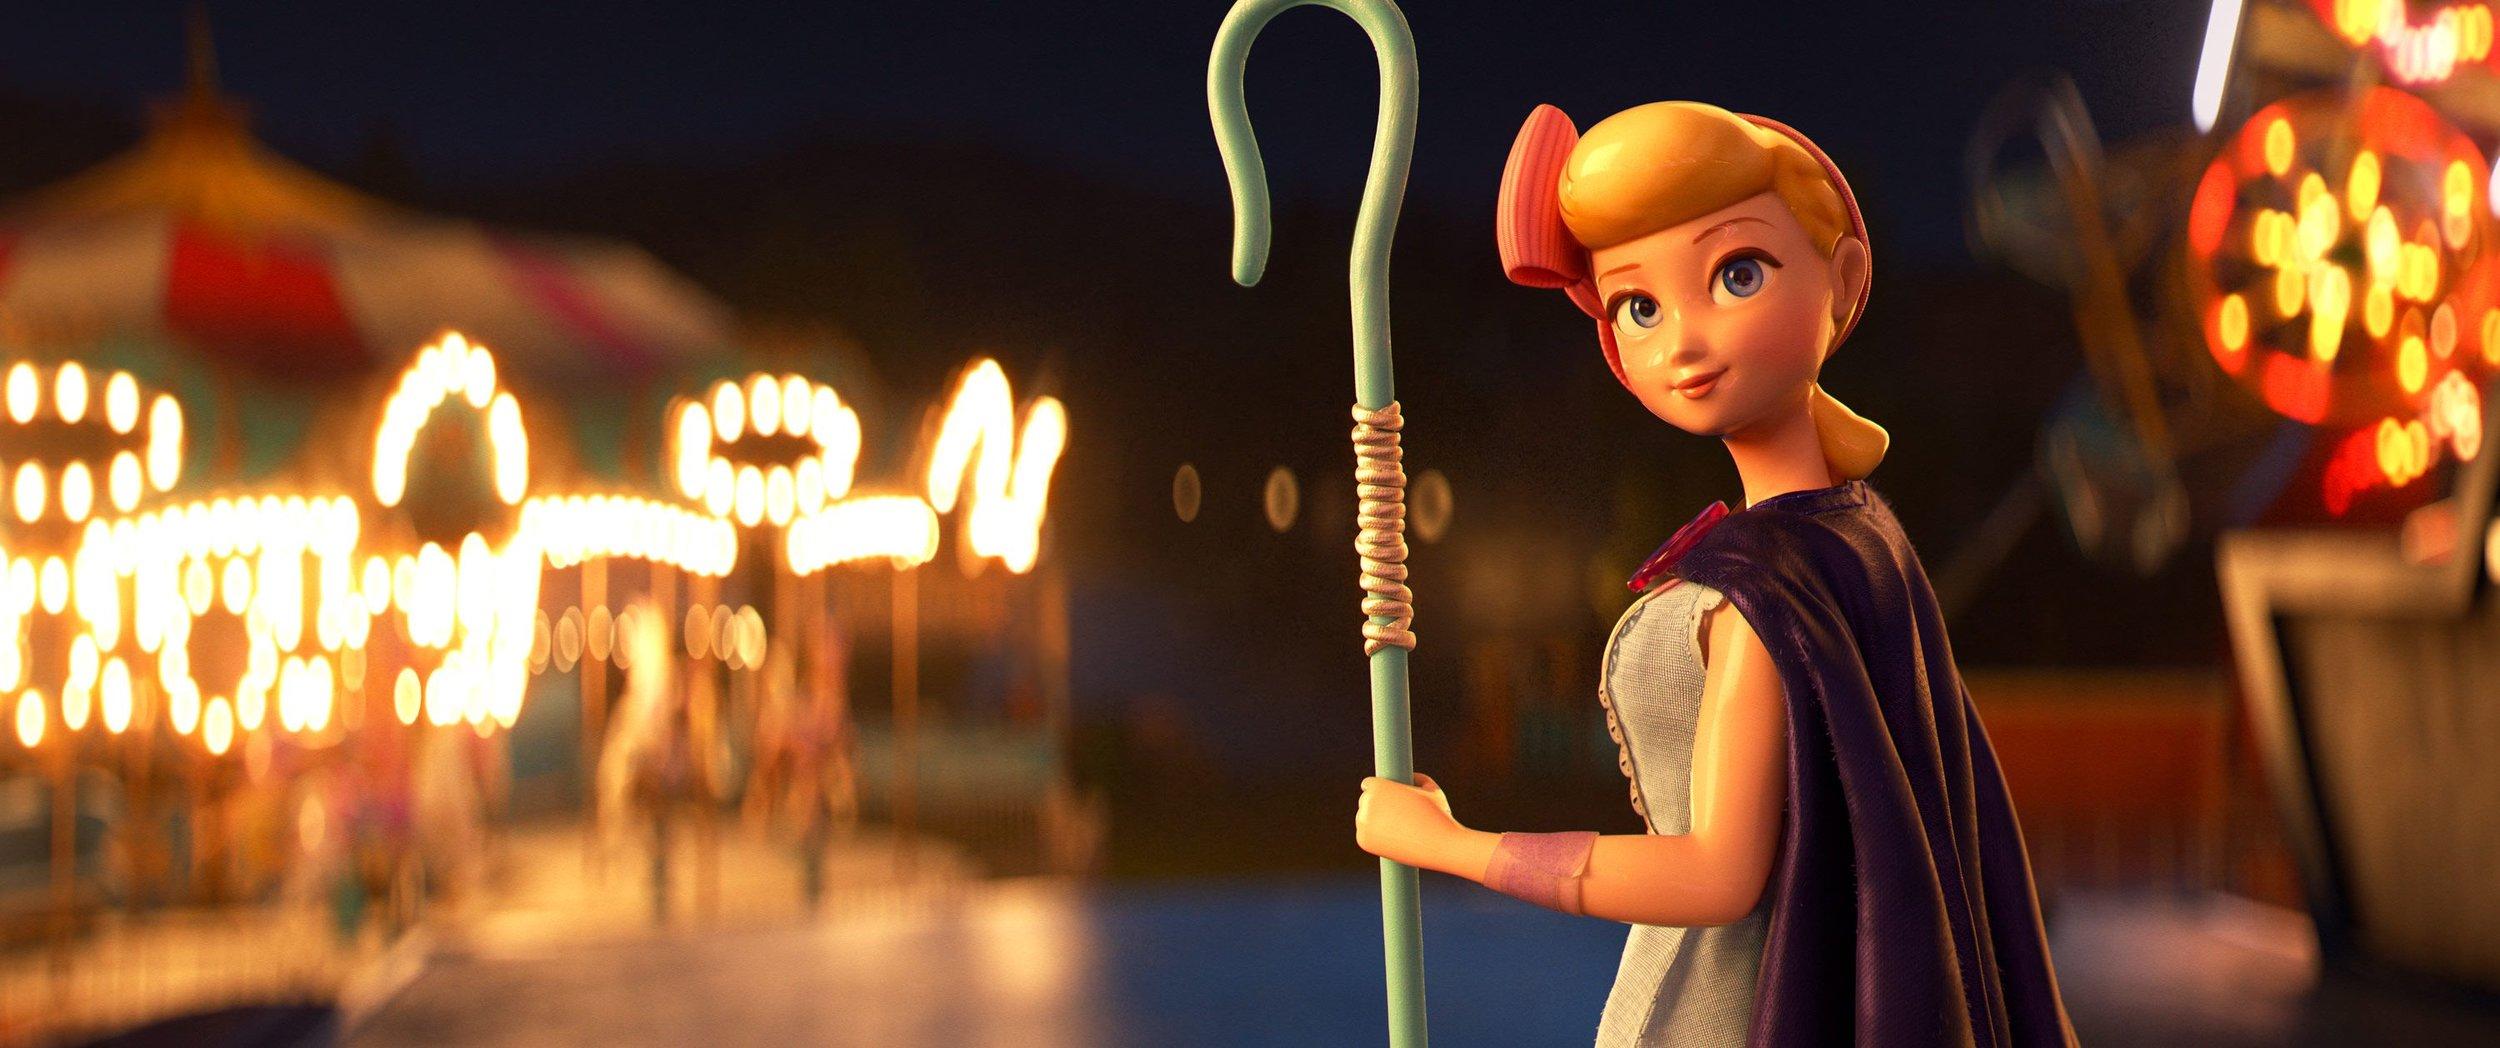 23. Toy Story 4 04.jpg